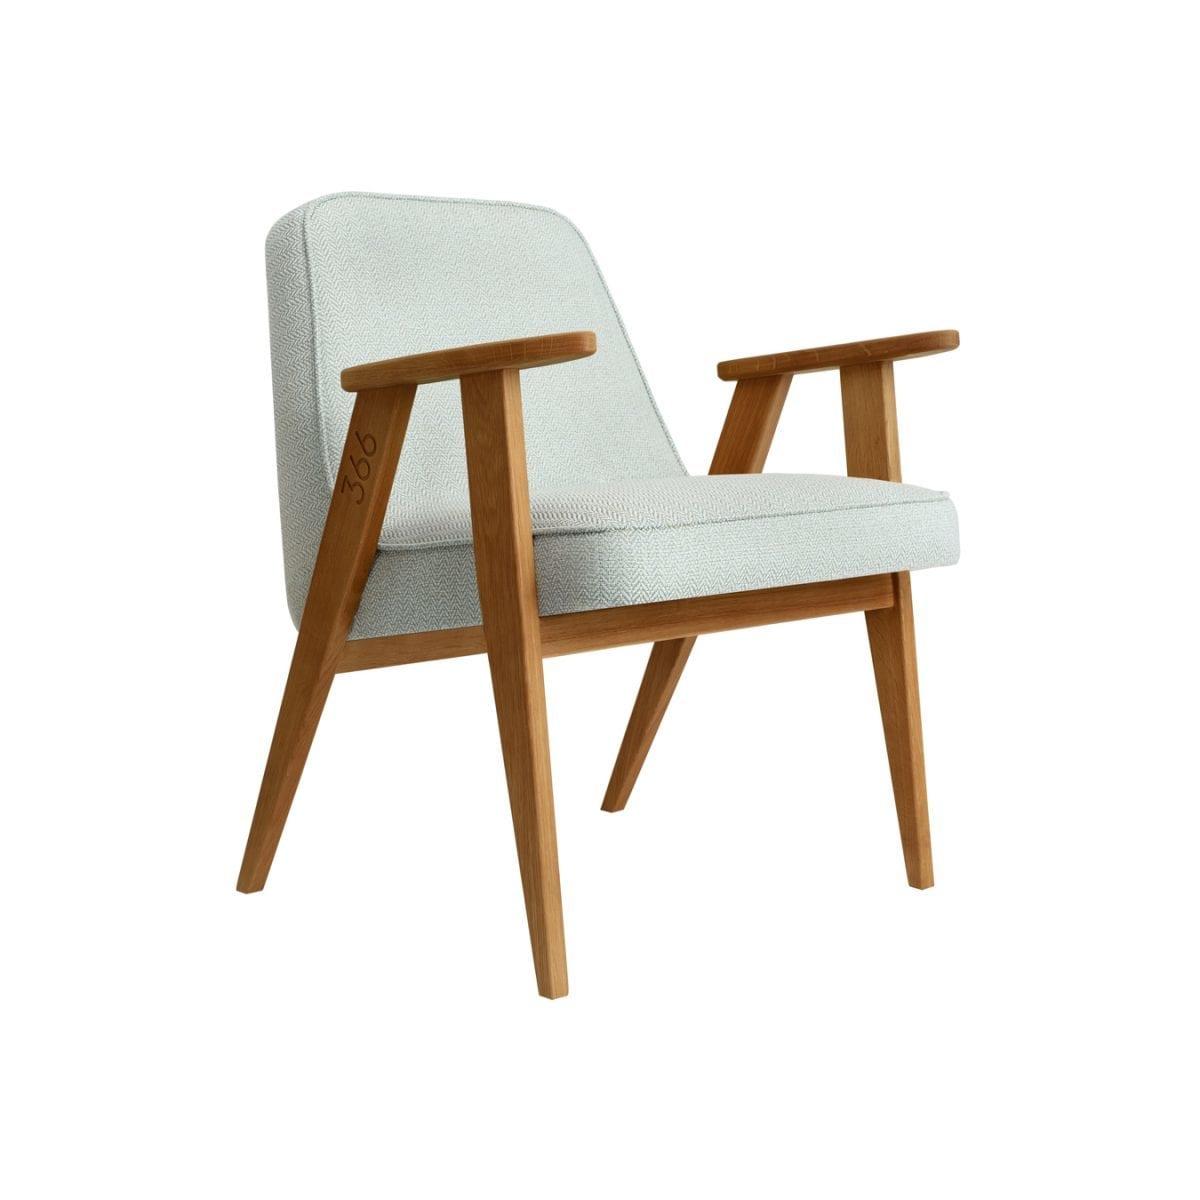 366-concept-366_fotel_oak-03-tweed-mentos_pop